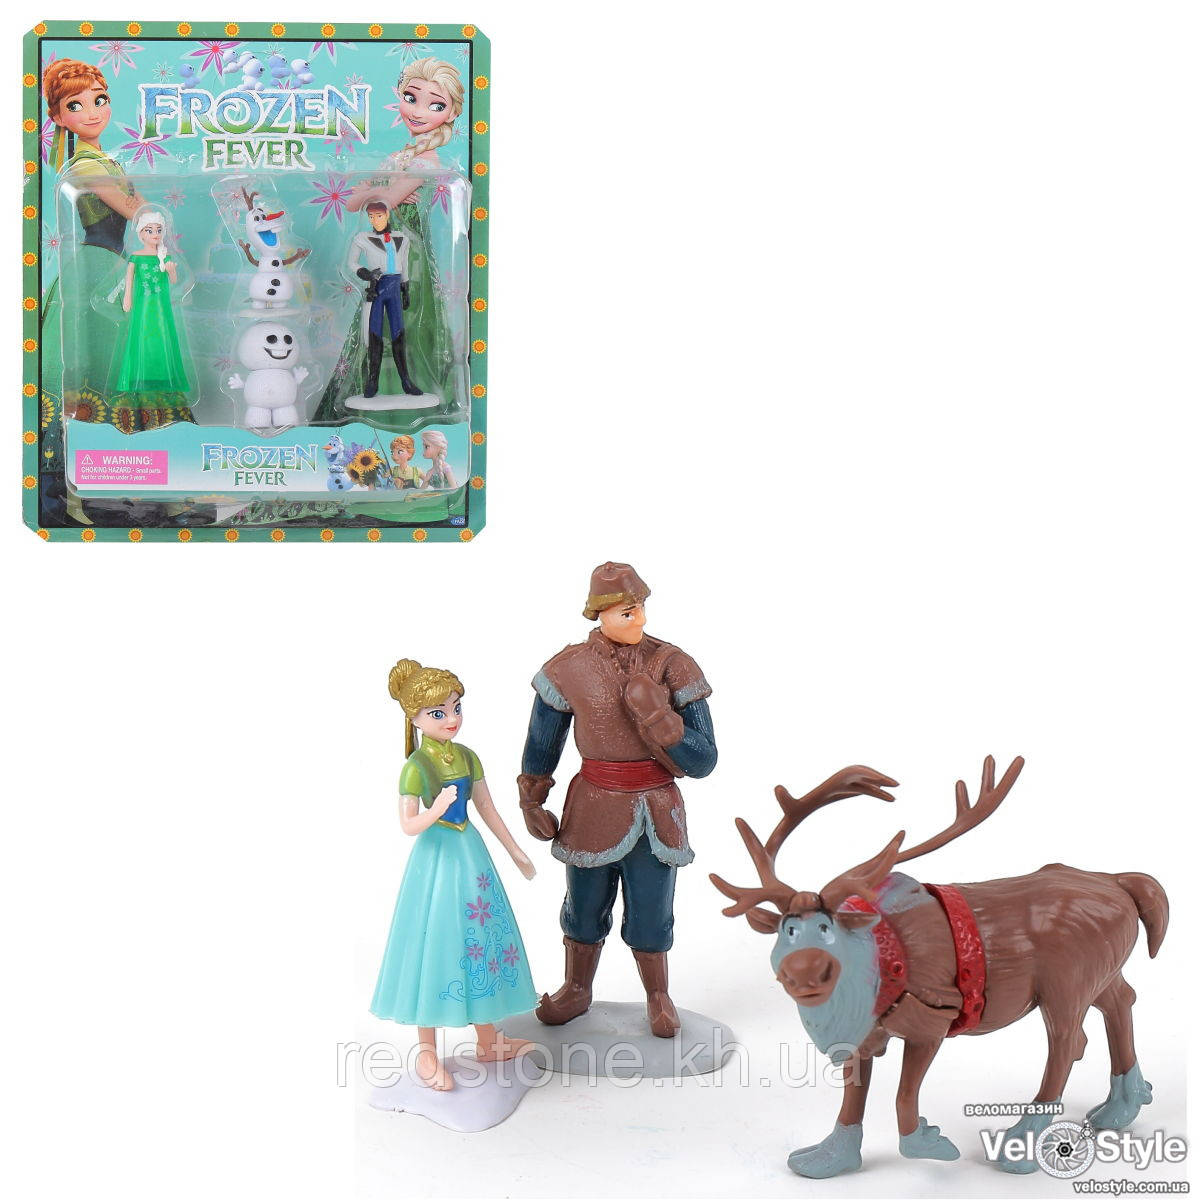 Игровой набор фигурок Дисней Холодное сердце Frozen LB1685 (2 вида)